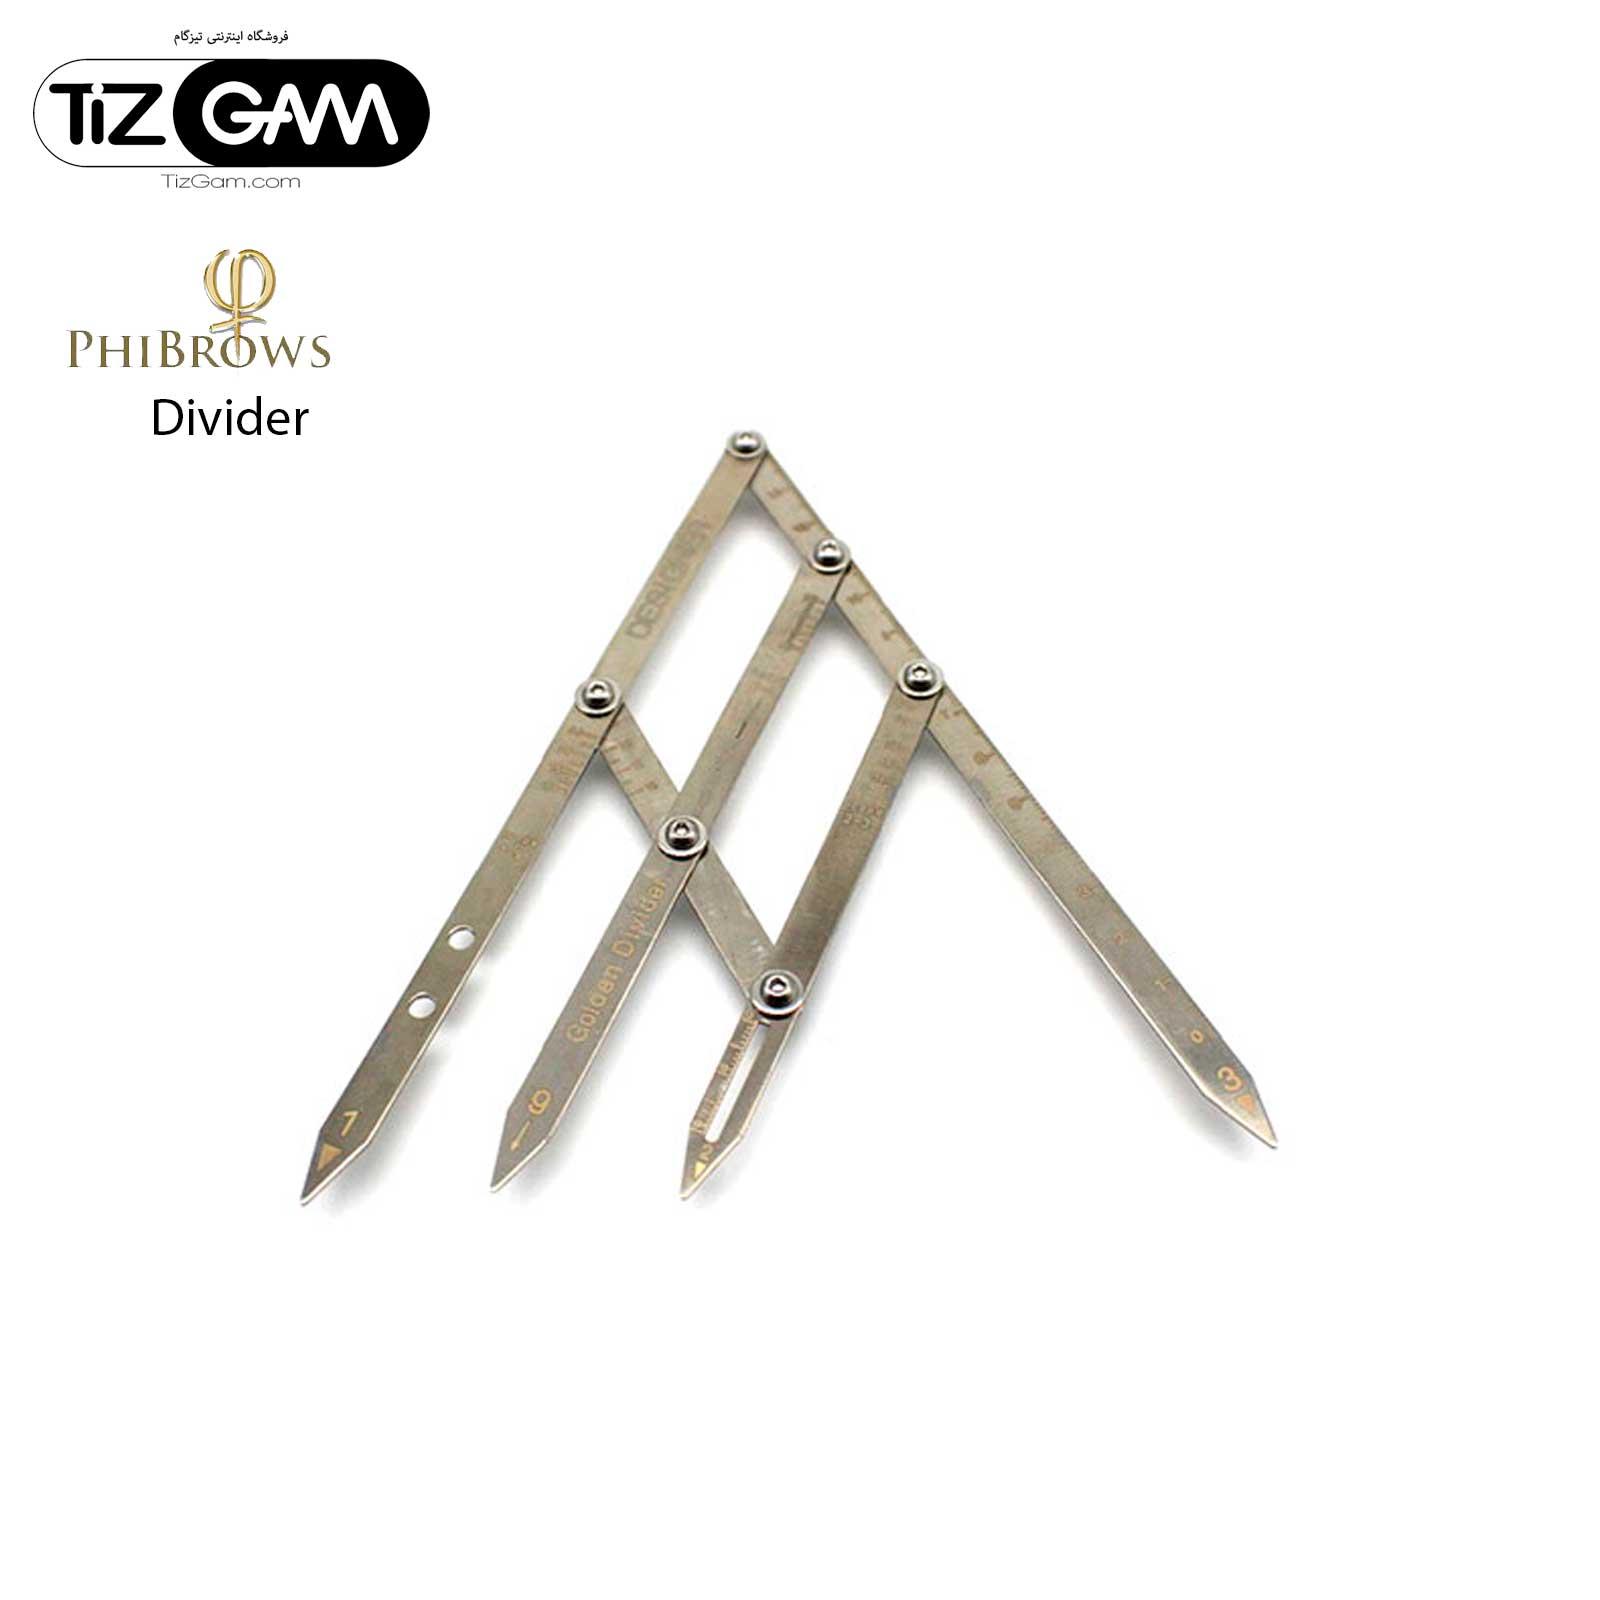 ابزار دیوایدر ابرو فیبروز دستگاه قرینه سازی میکروبلیدیگ تاتو تیزگام phibrows divider tatoo tizgam